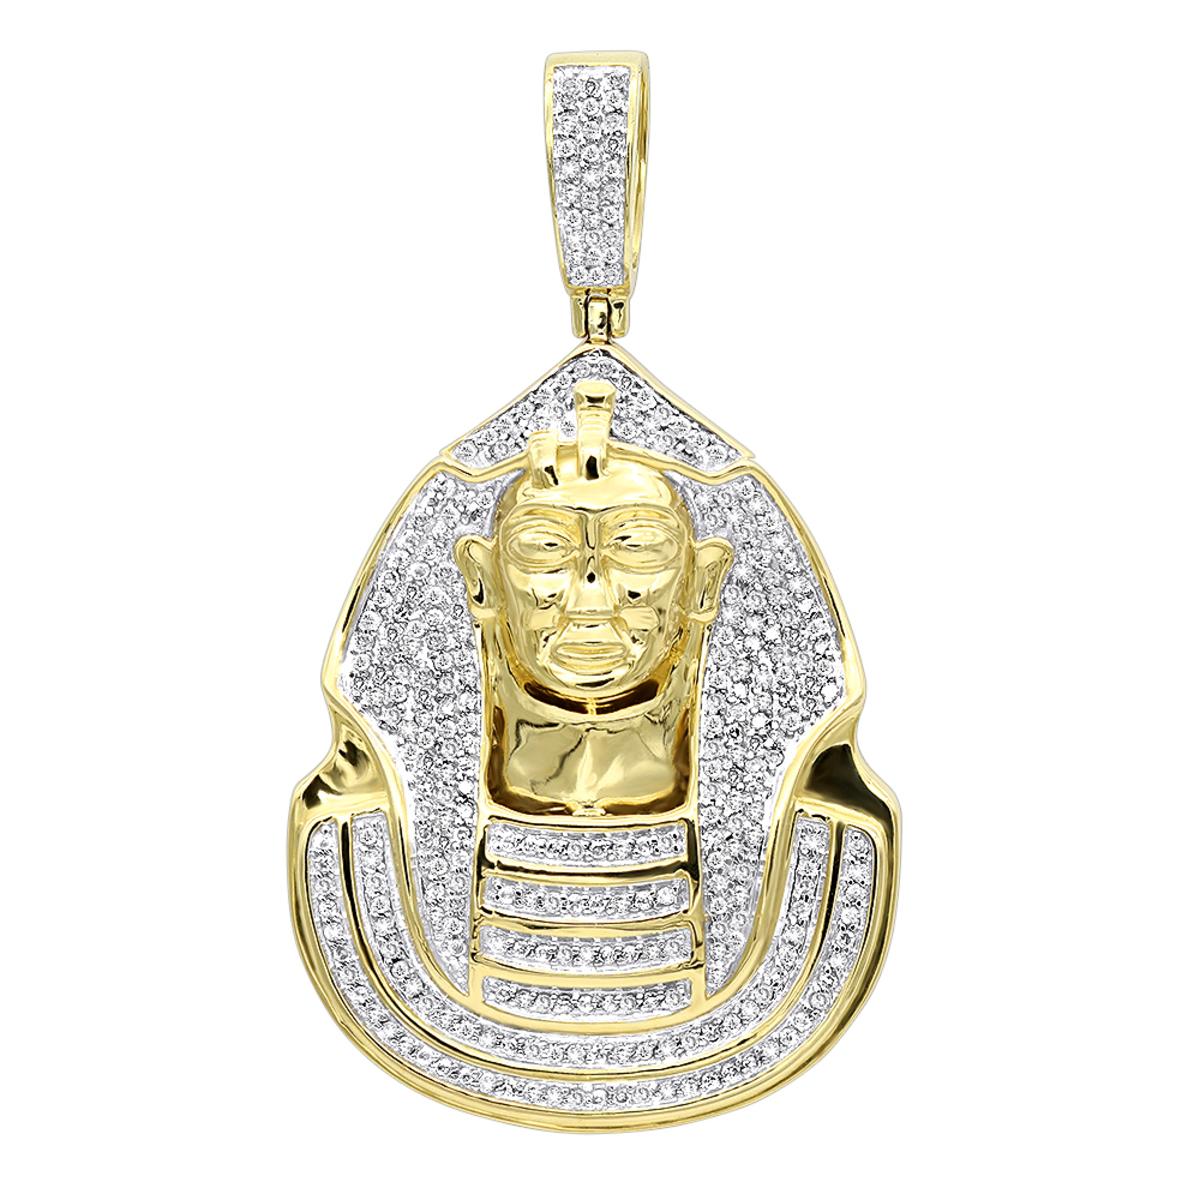 10K Gold Egyptian Pharaoh Head Diamond Pendant For Men 0.9ct